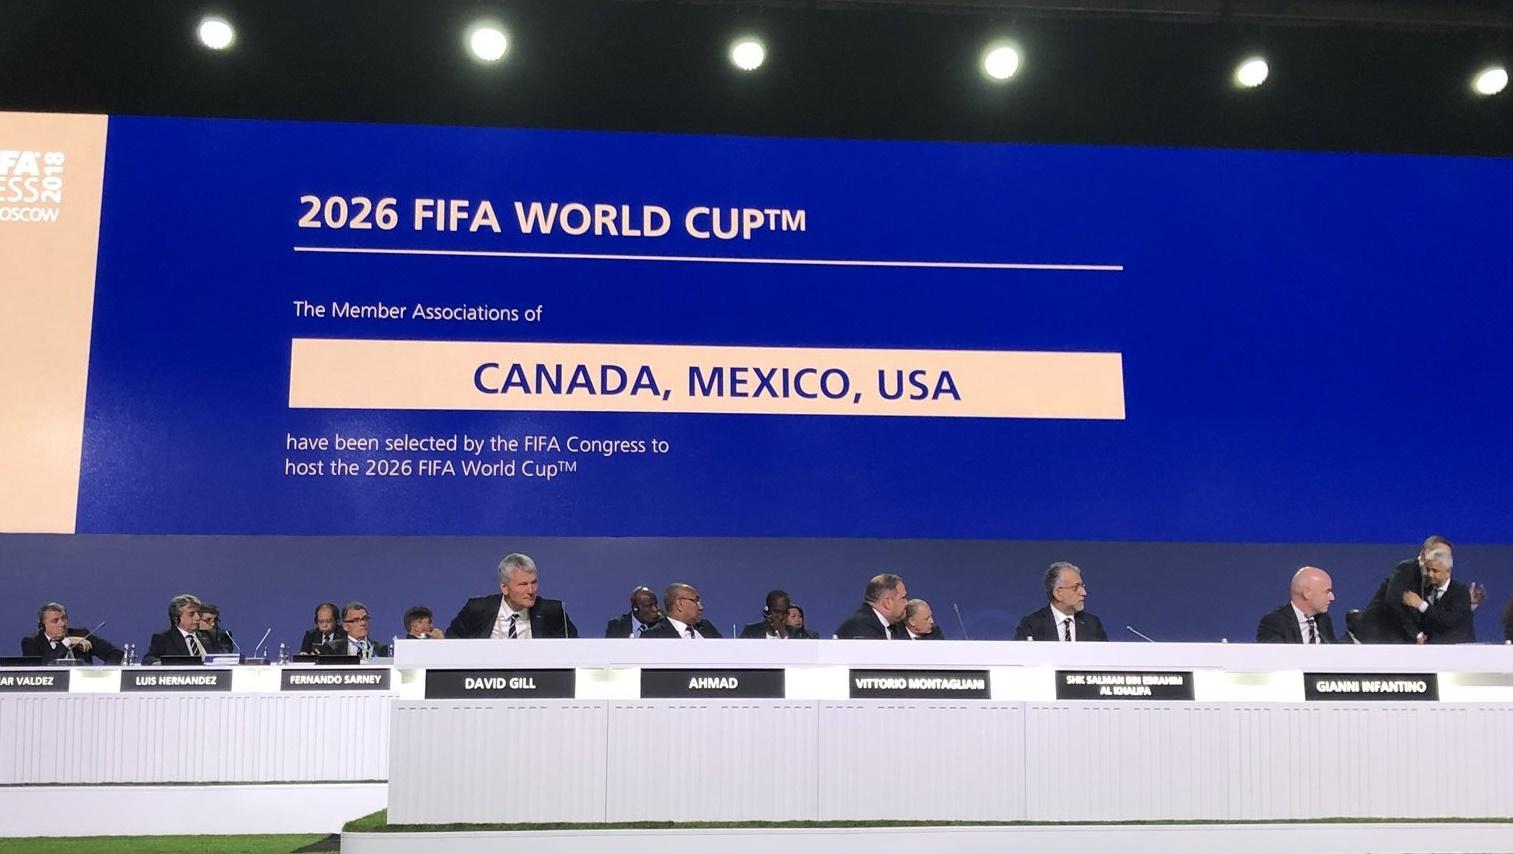 EUA, Canadá e México vão sediar, em conjunto, a Copa do Mundo de 2026